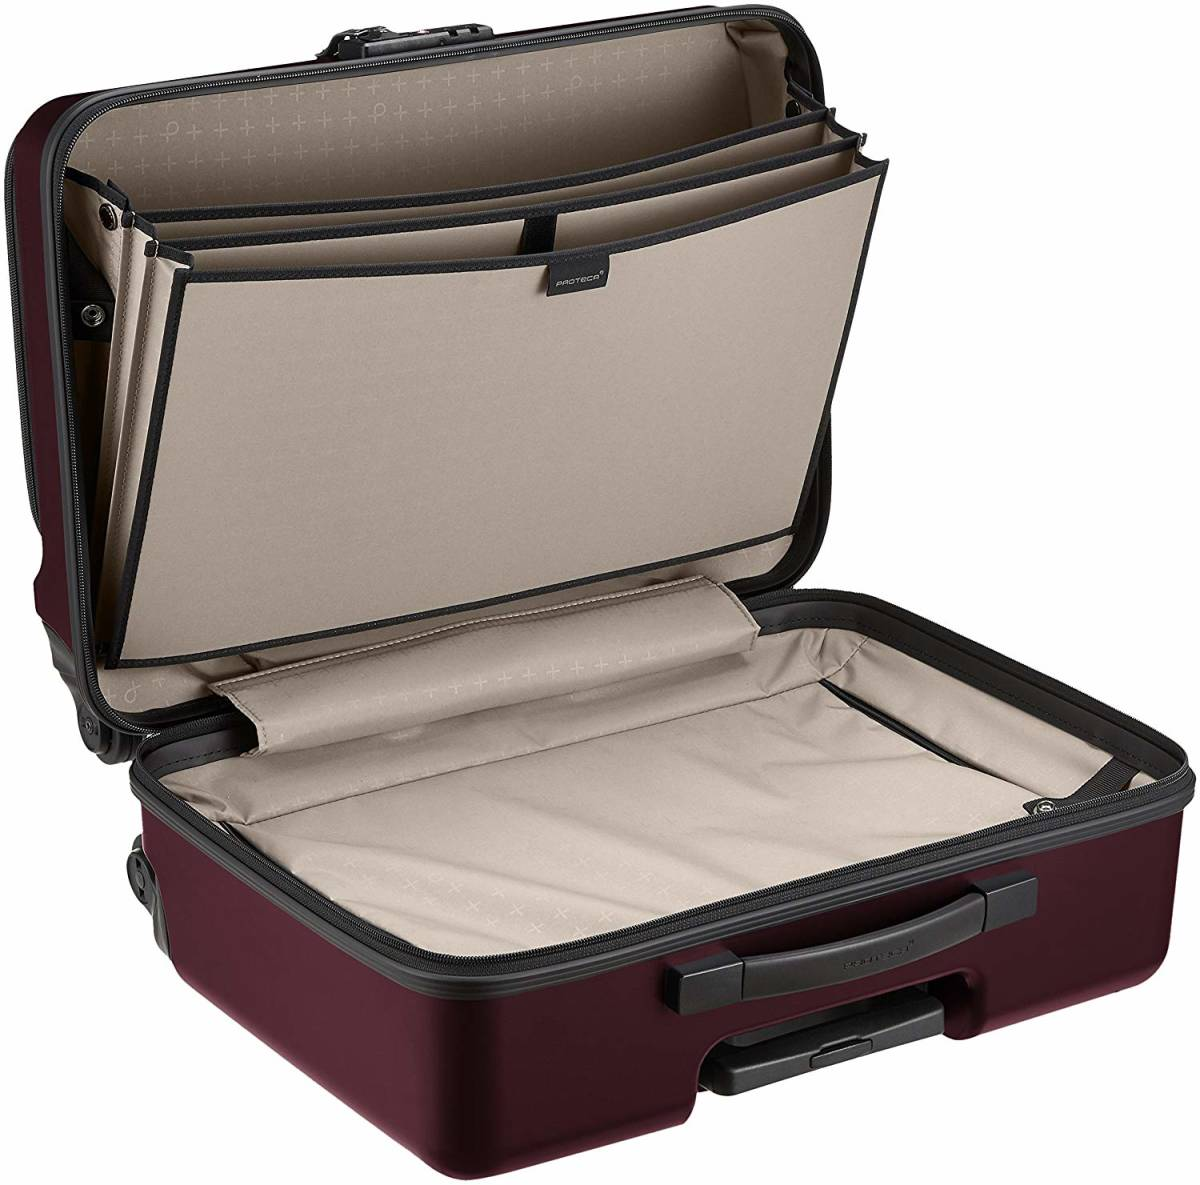 新品 Proteca(プロテカ) スーツケース 日本製 マックスパスビズ 37L 49cm 4kg_画像5